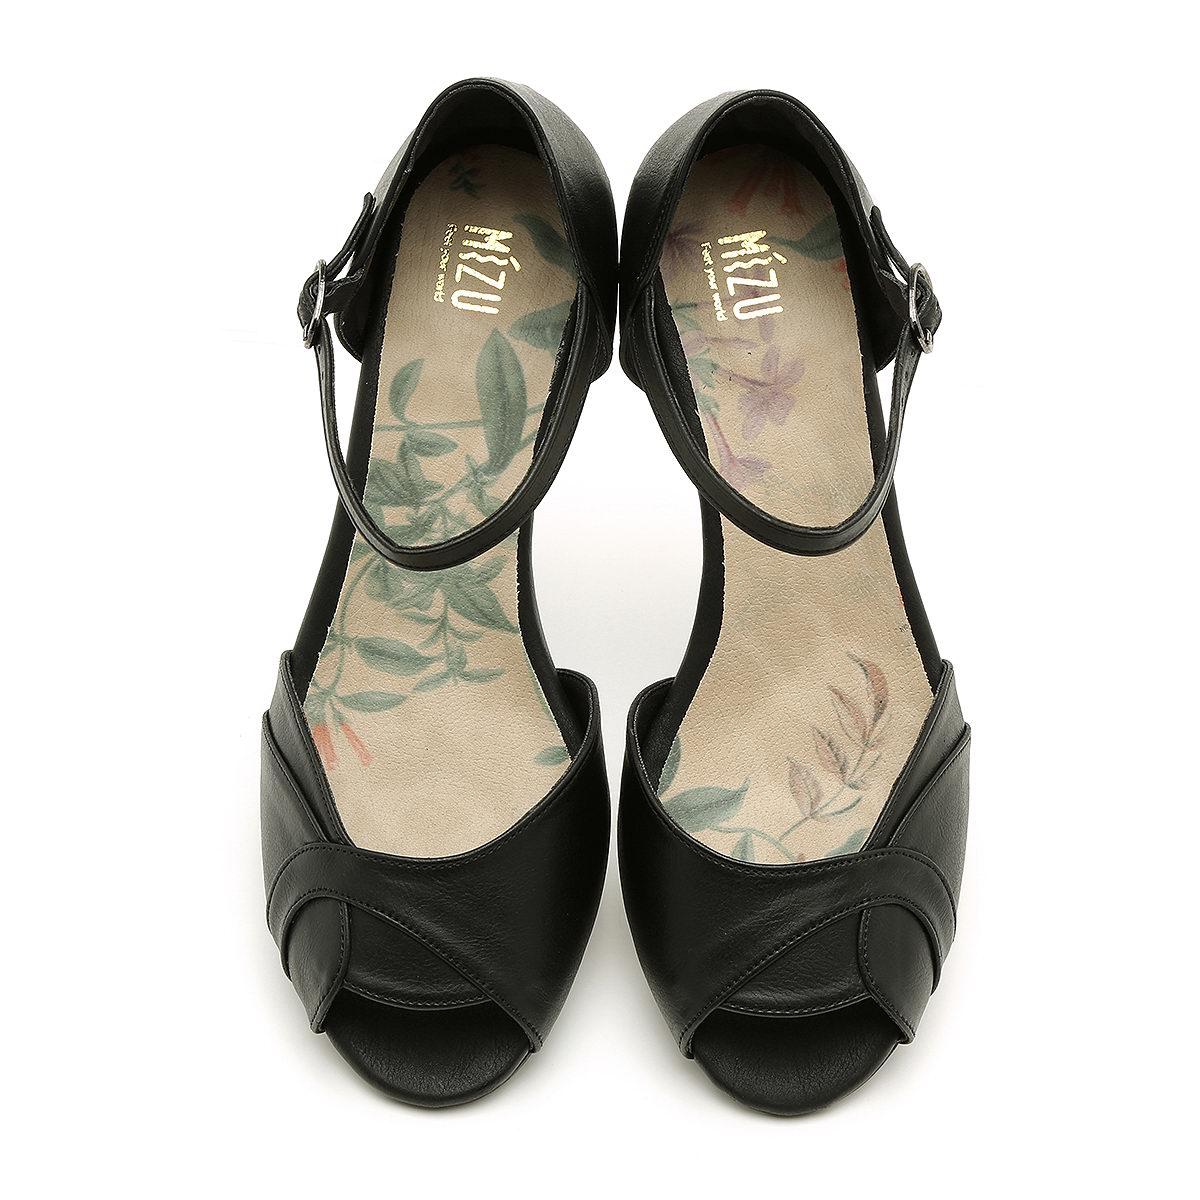 דגם אשלי: נעלי עקב טבעוניות